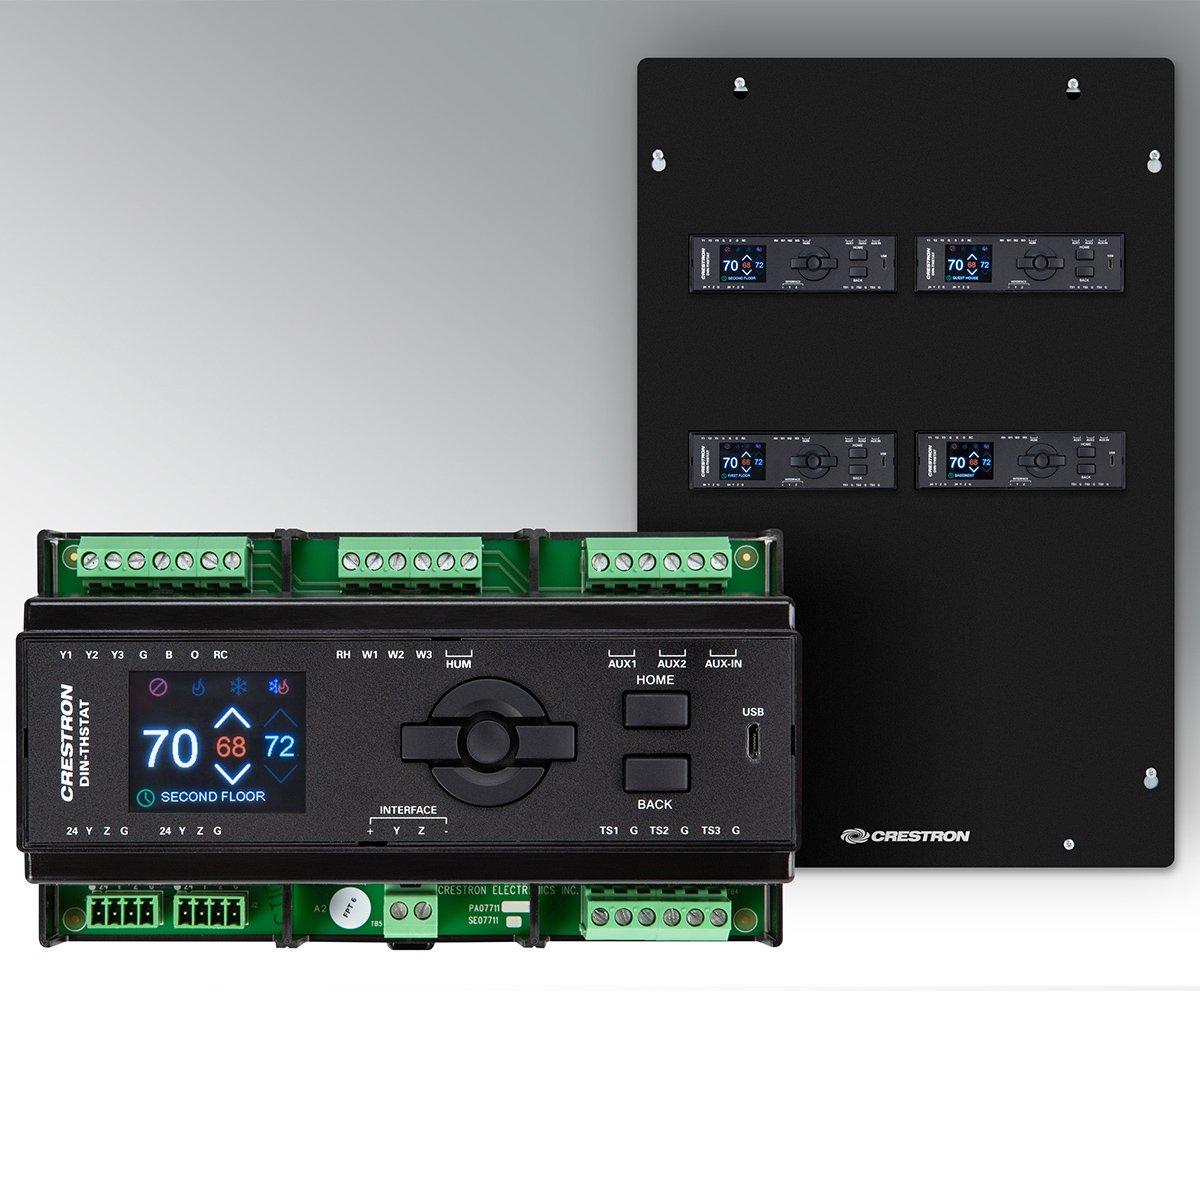 Los nuevos controles de clima DIN-RAIL de Crestron facilitan las instalaciones profesionales limpias.